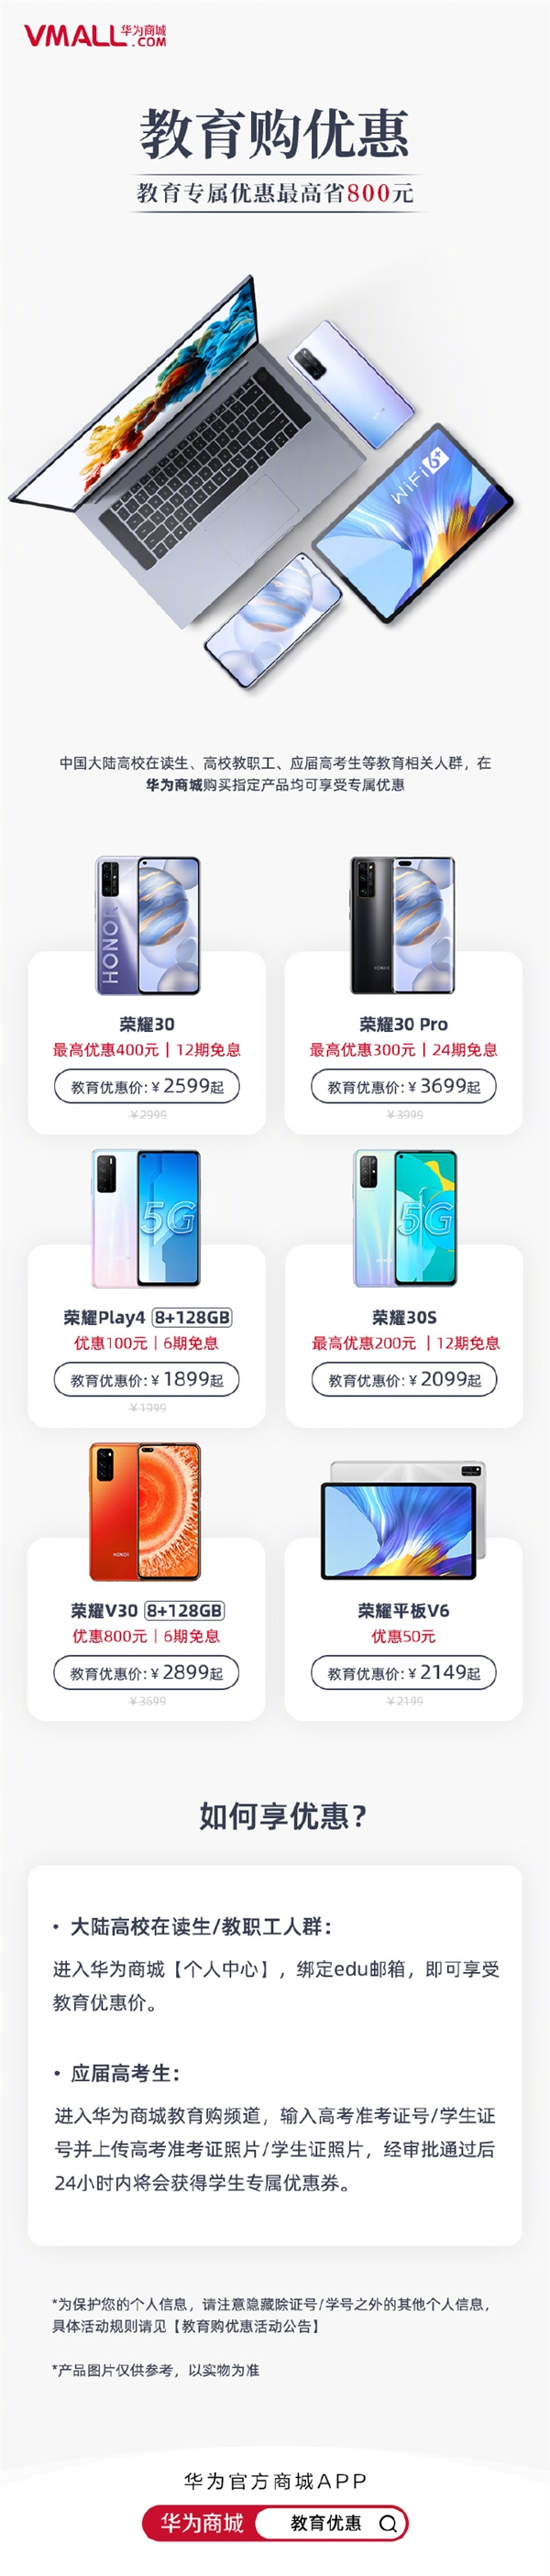 华为商城哺育优惠活行上线:买手机最高可省800元